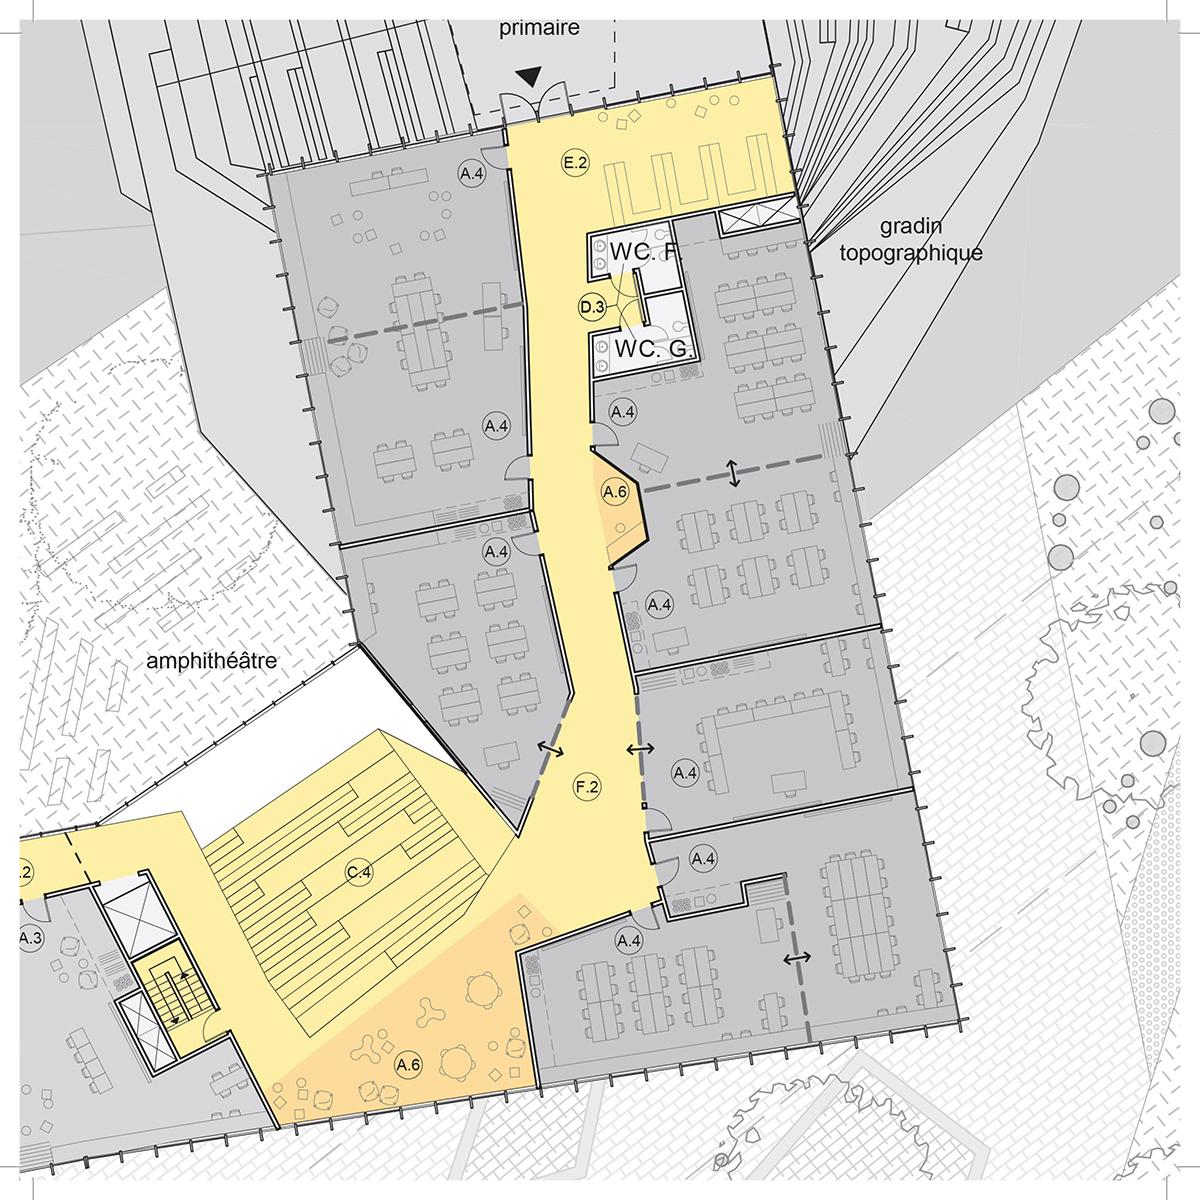 Plan d'une salle de classe par DMA Architectes, pour le concours du Lab-École à Gatineau, présenté dans le cadre de l'exposition «Devoirs d'architecture».